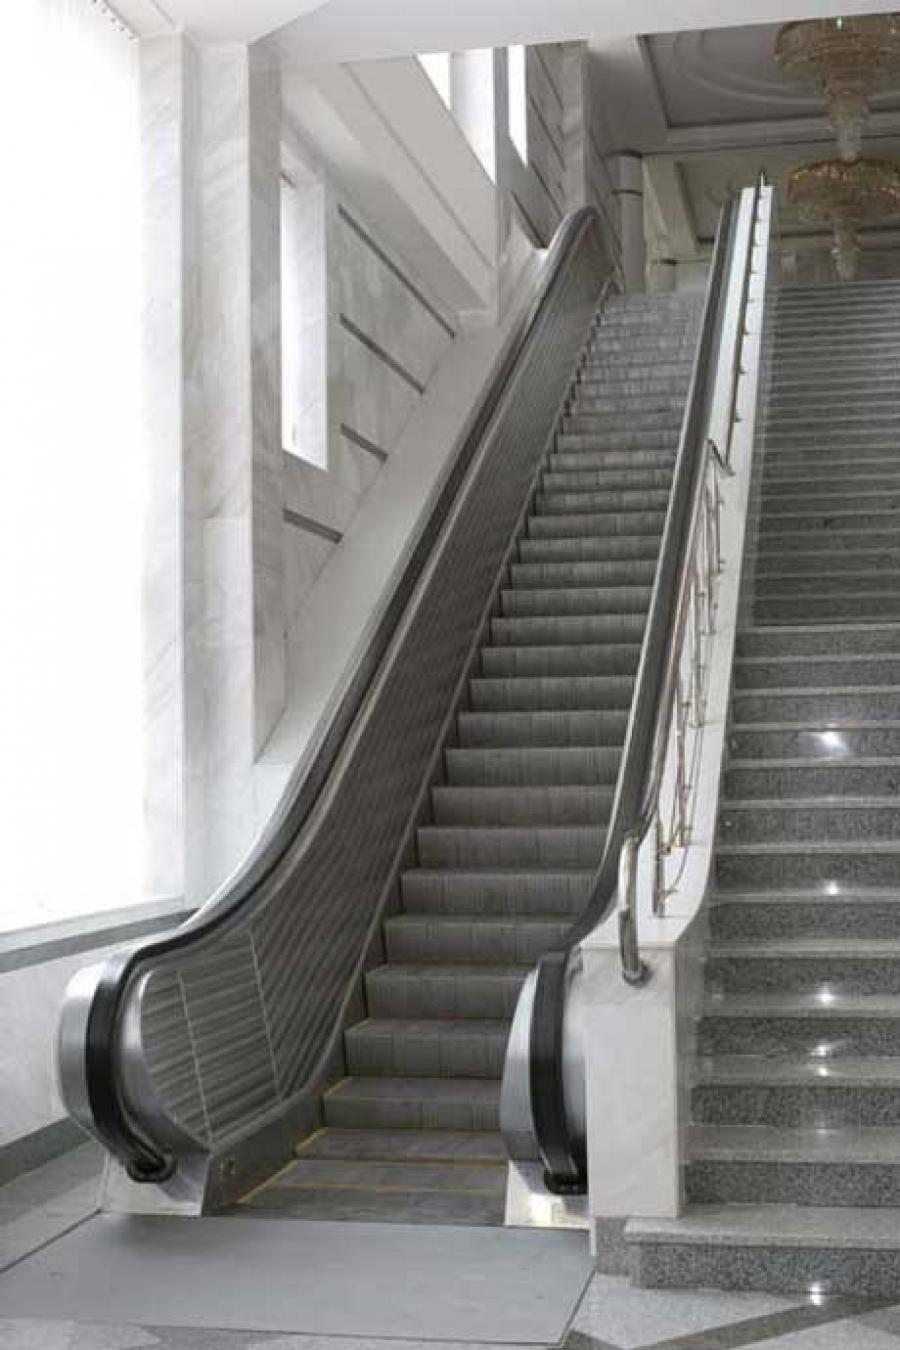 Floor-to-floor escalator EK-106